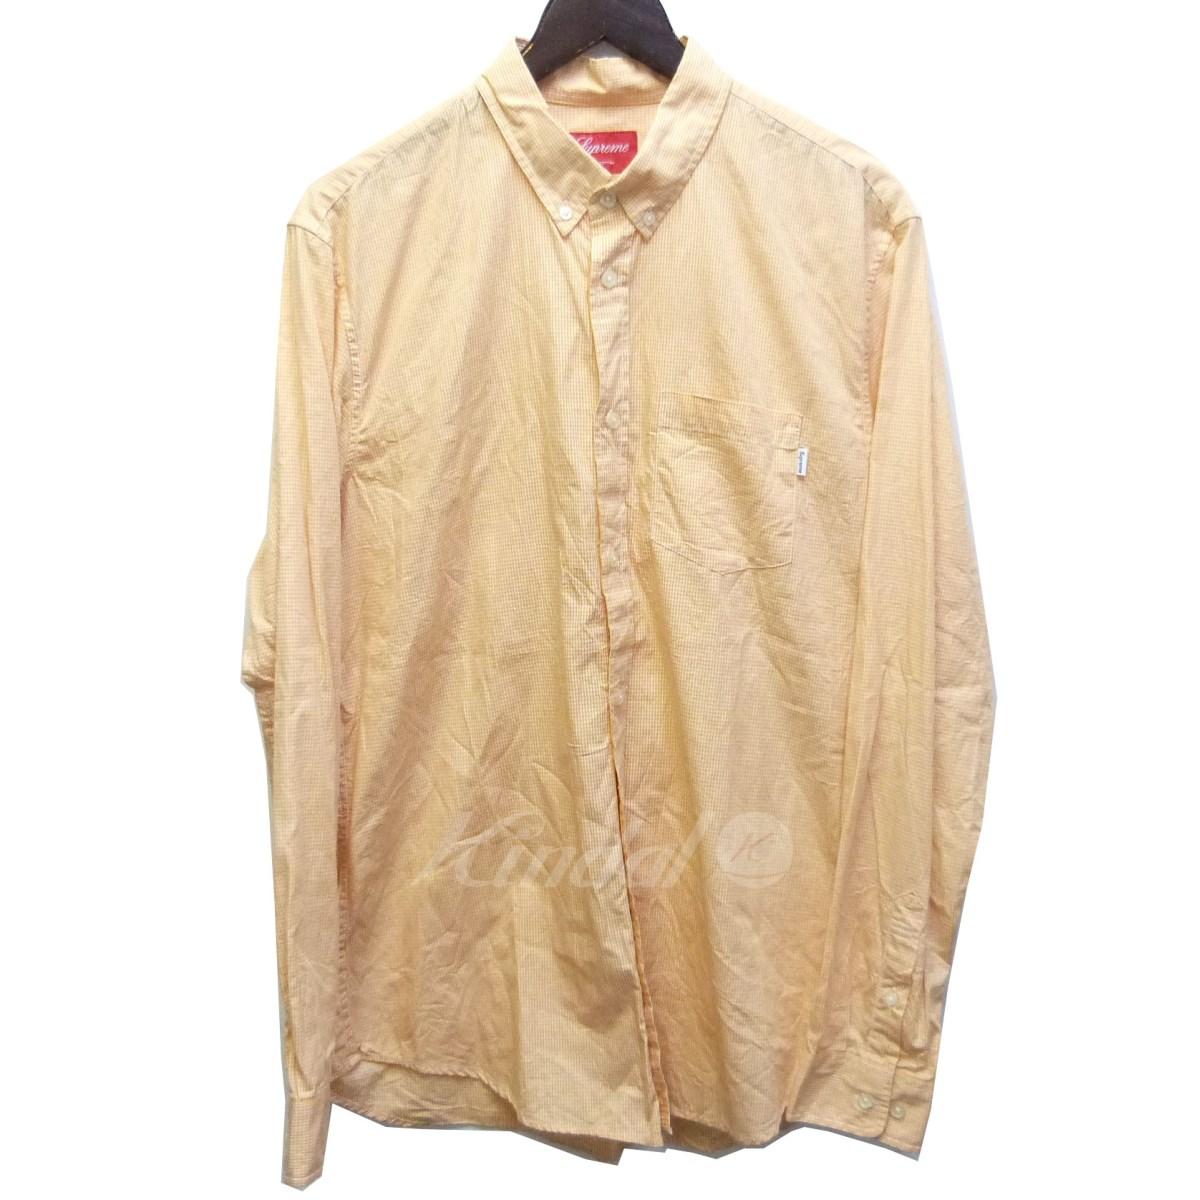 【中古】SUPREME チェックB.Dシャツ オレンジ サイズ:L 【送料無料】 【180318】(シュプリーム)